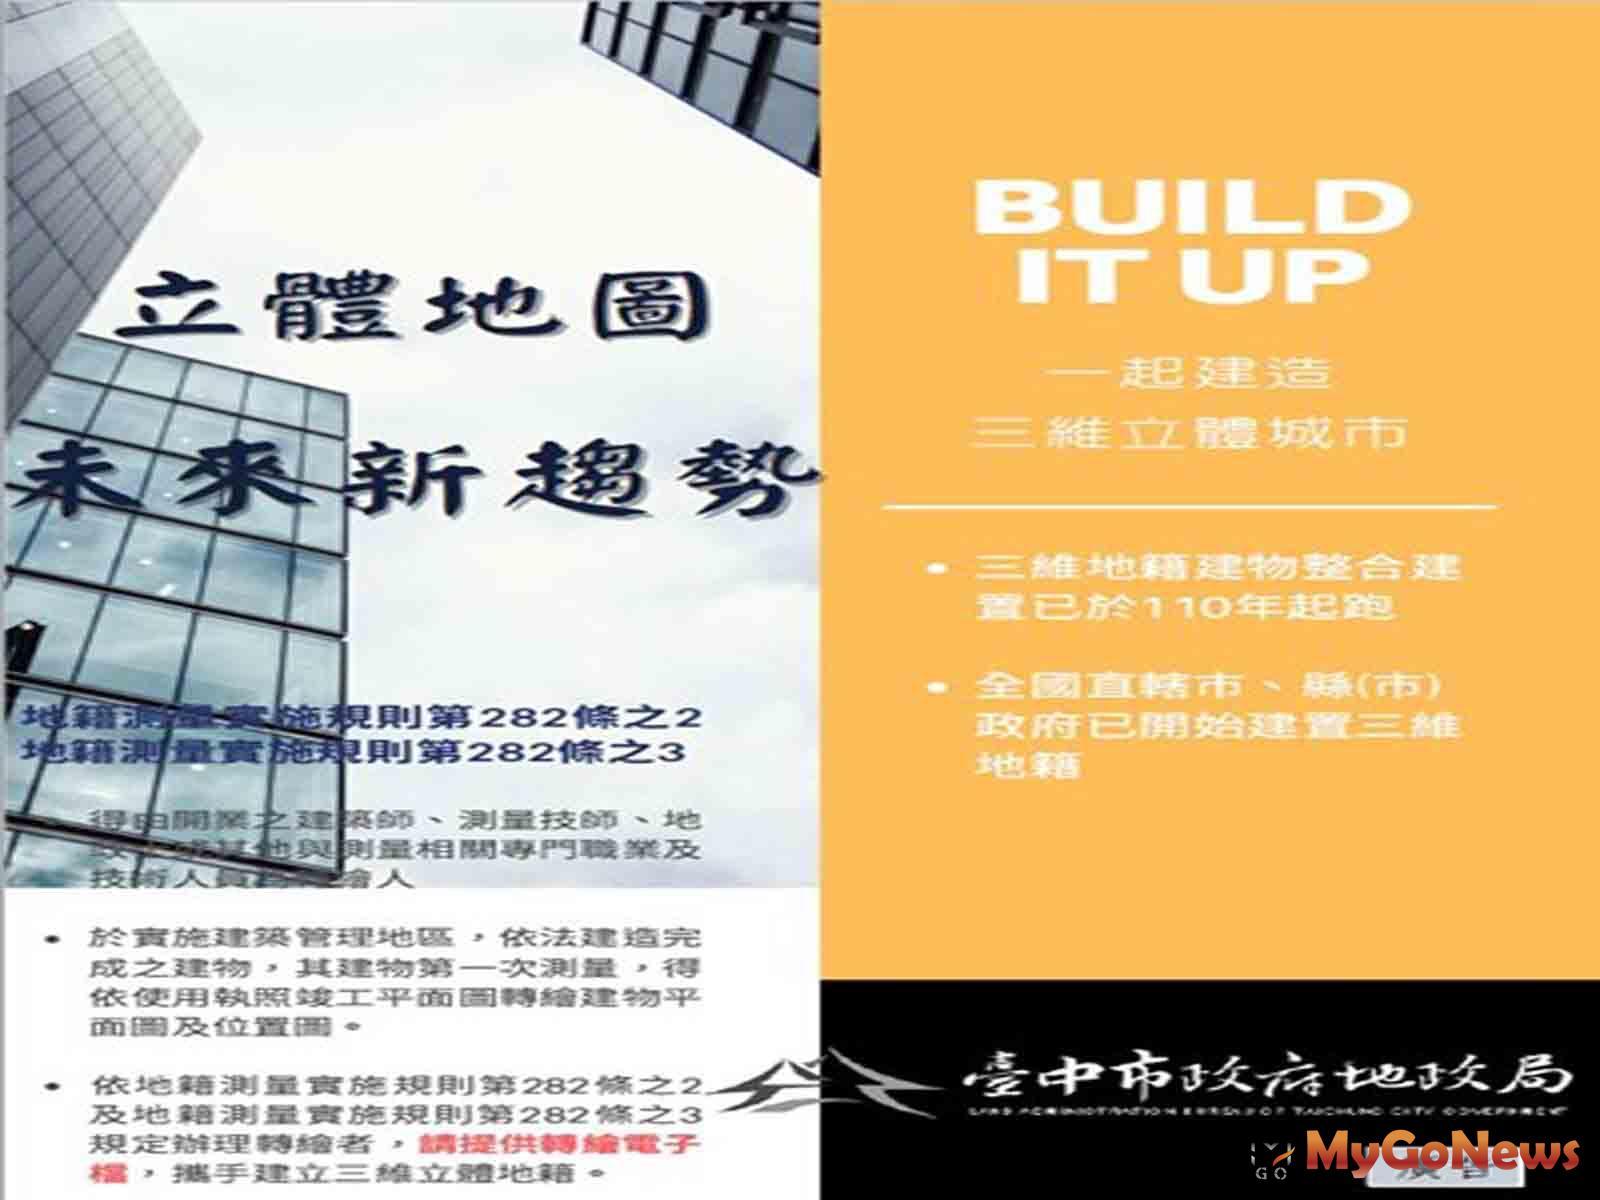 建物測量立體化 中市推「三維地籍」資料建置(圖/台中市政府) MyGoNews房地產新聞 區域情報